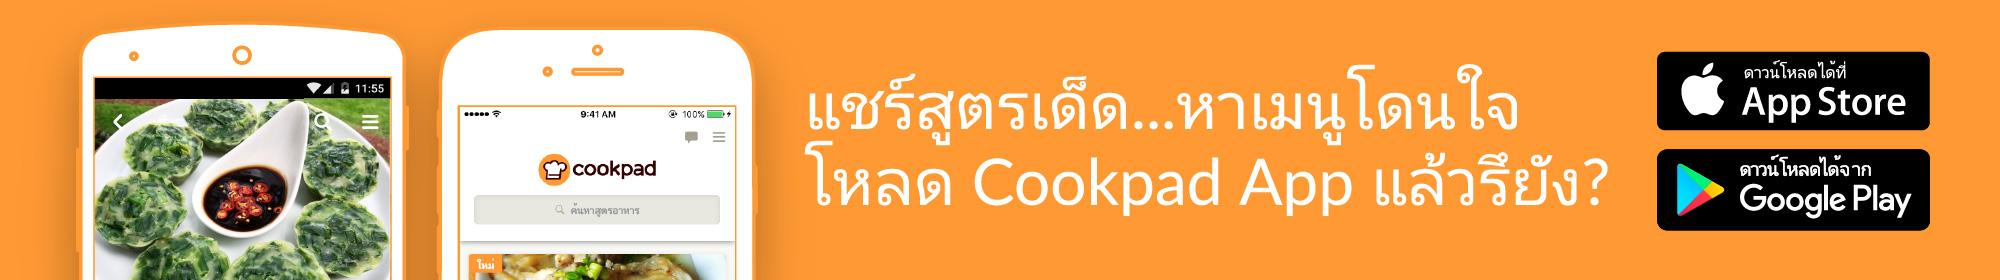 ดาวน์โหลดแอพ  Cookpad App ฟรี!